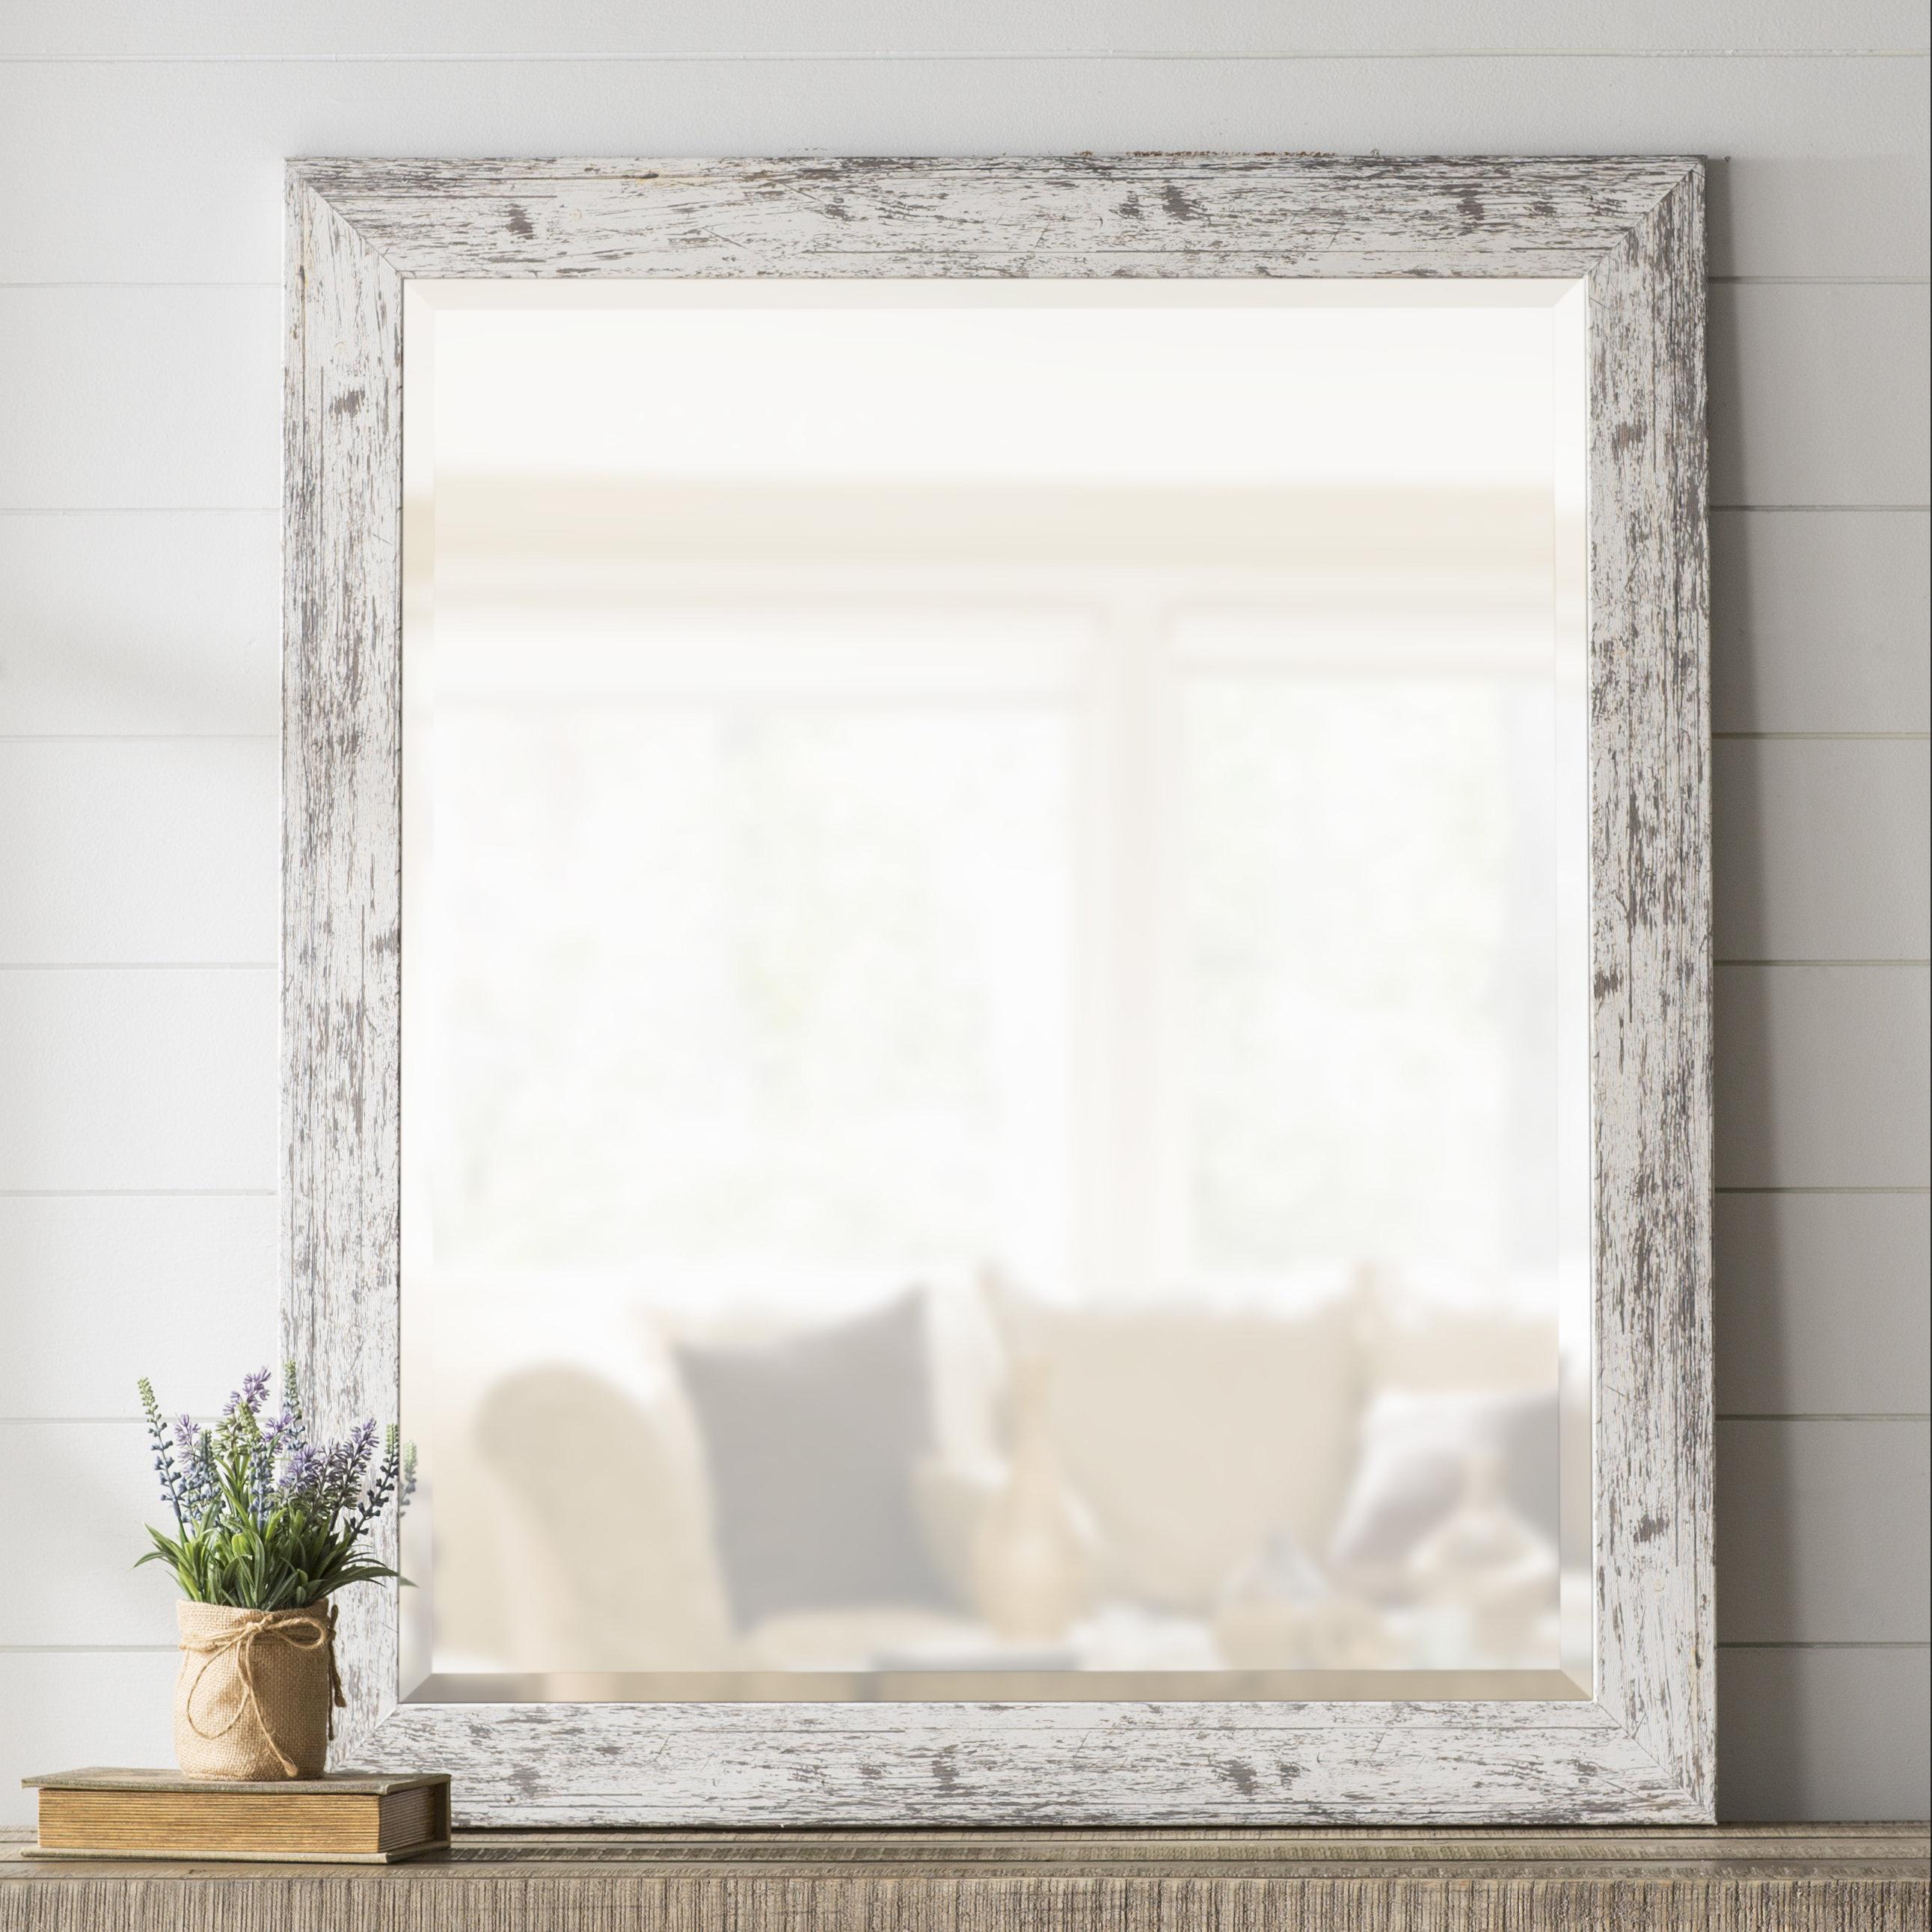 Modern Farmhouse Mirror | Wayfair In Farmhouse Woodgrain And Leaf Accent Wall Mirrors (View 8 of 20)